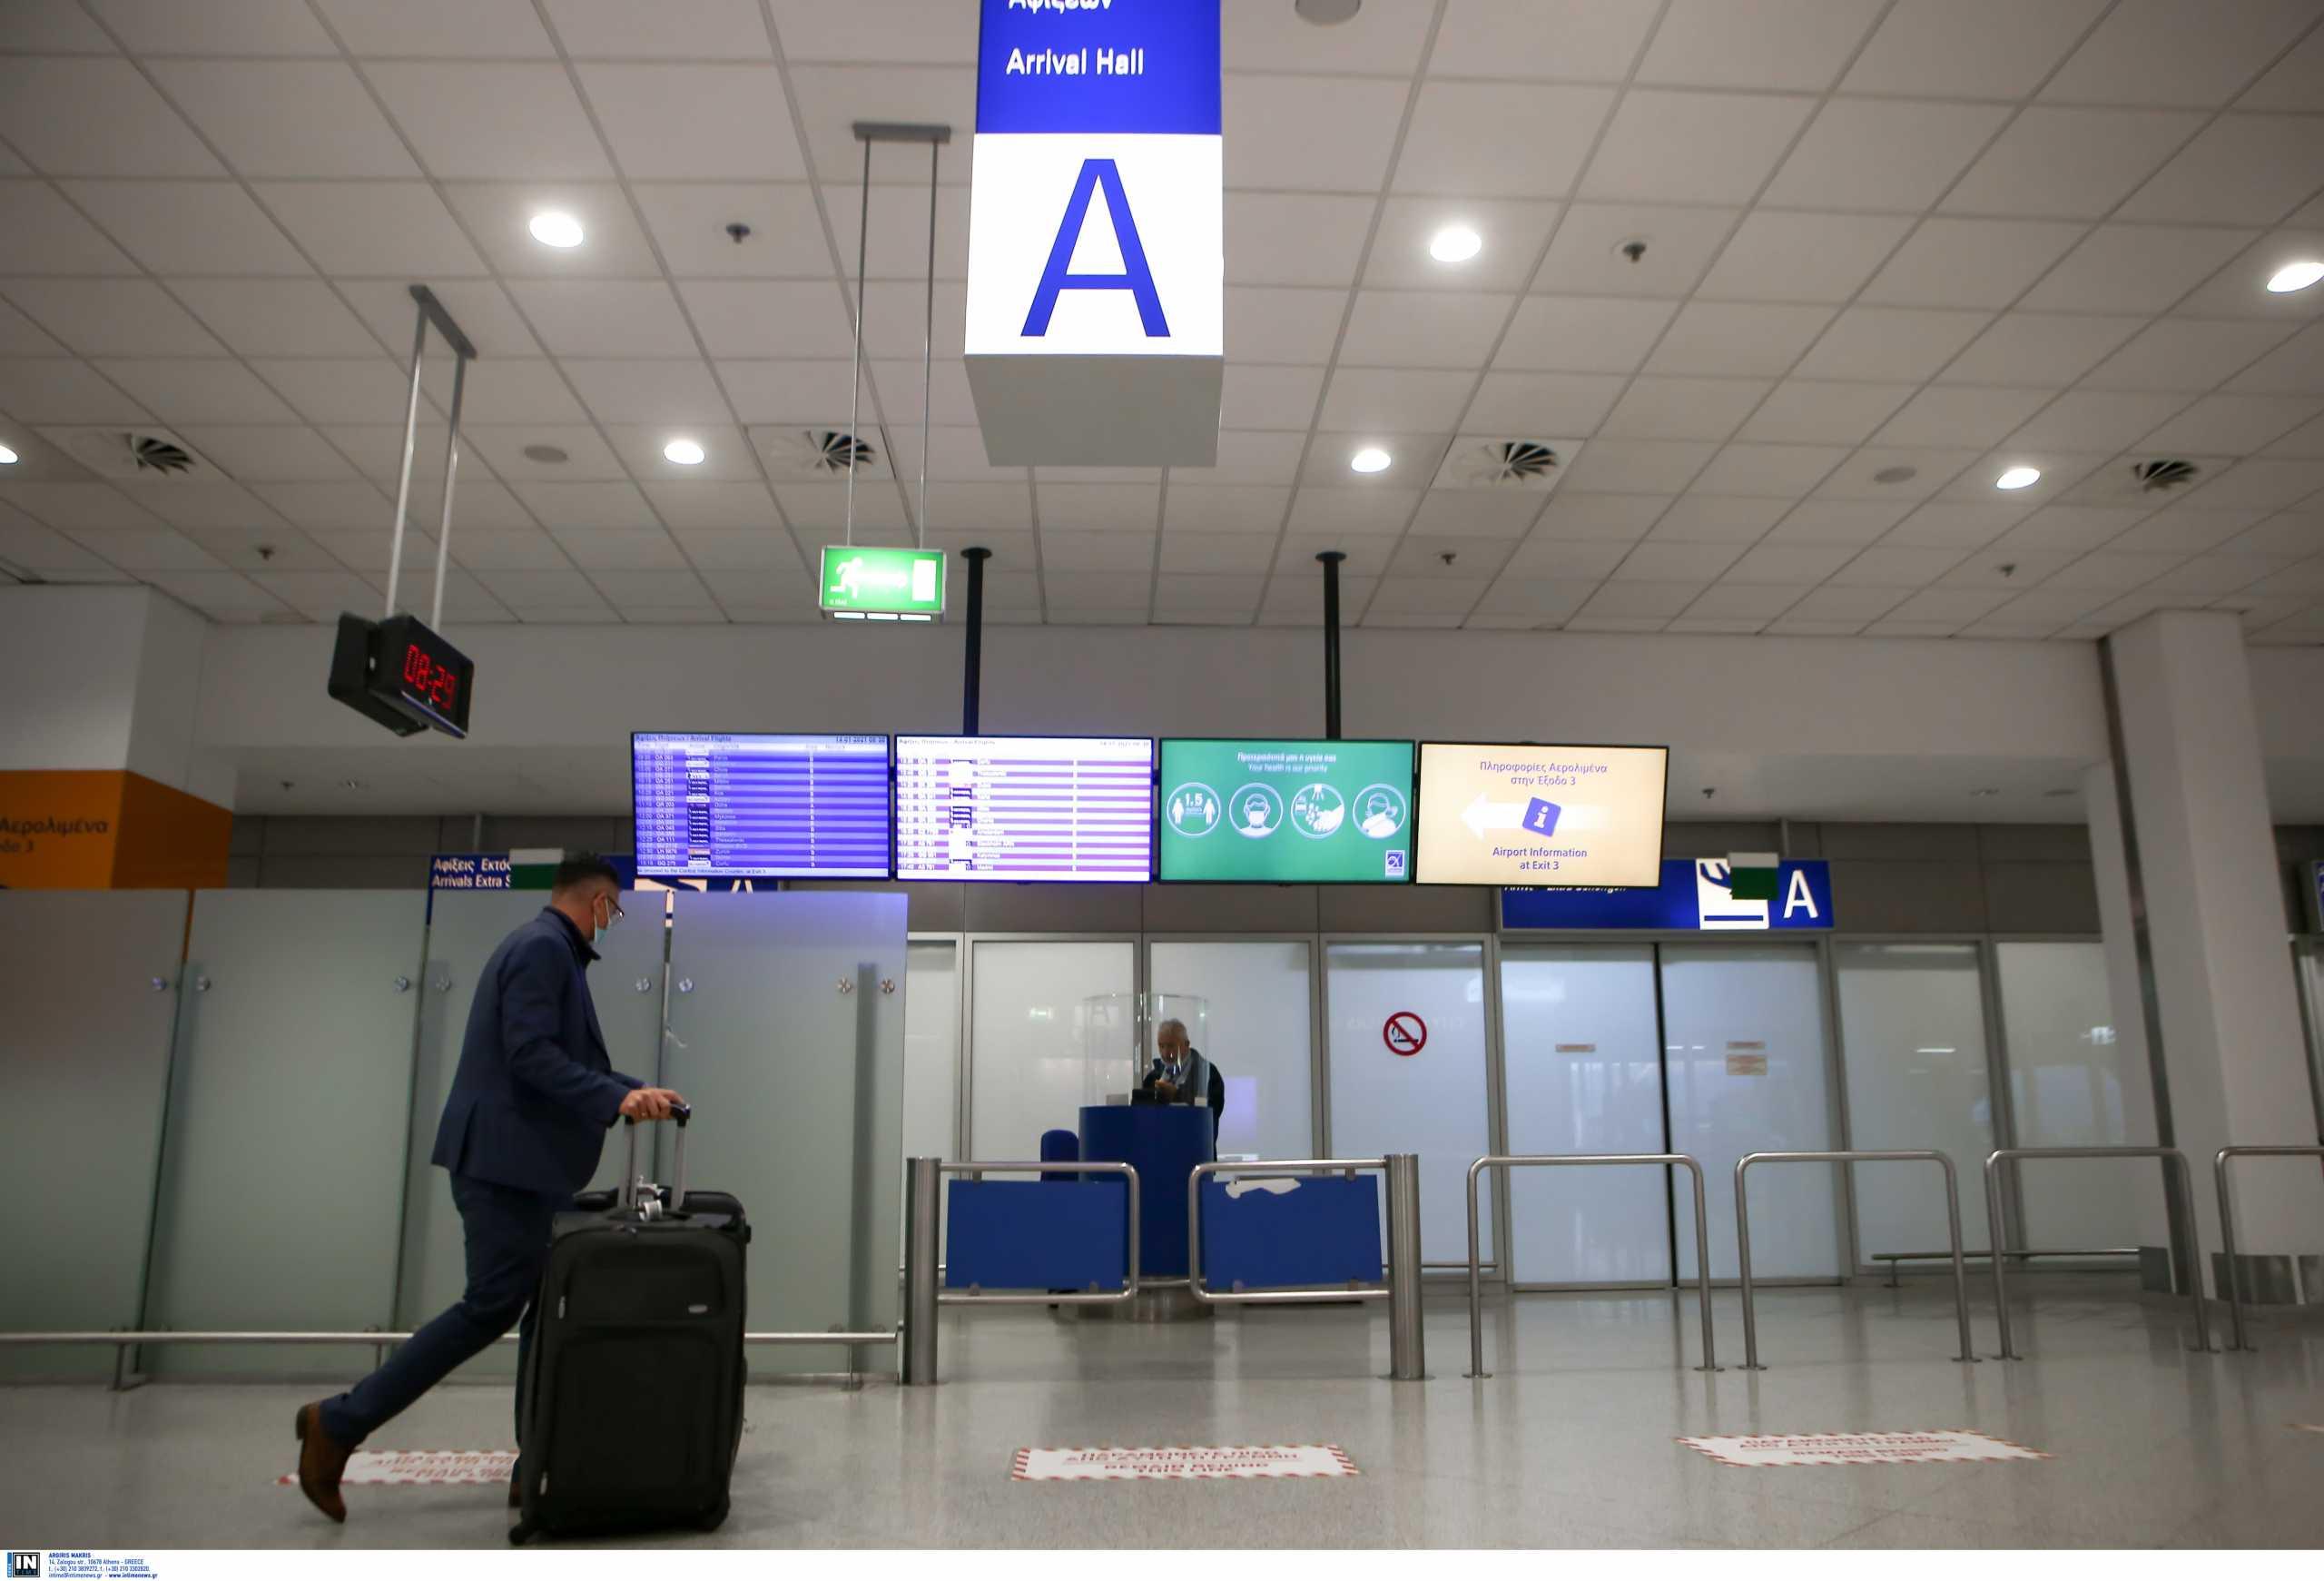 Συνεχίζονται οι περιορισμοί στις εσωτερικές πτήσεις – Μέχρι 1η Φεβρουαρίου μόνο οι ουσιώδεις πτήσεις